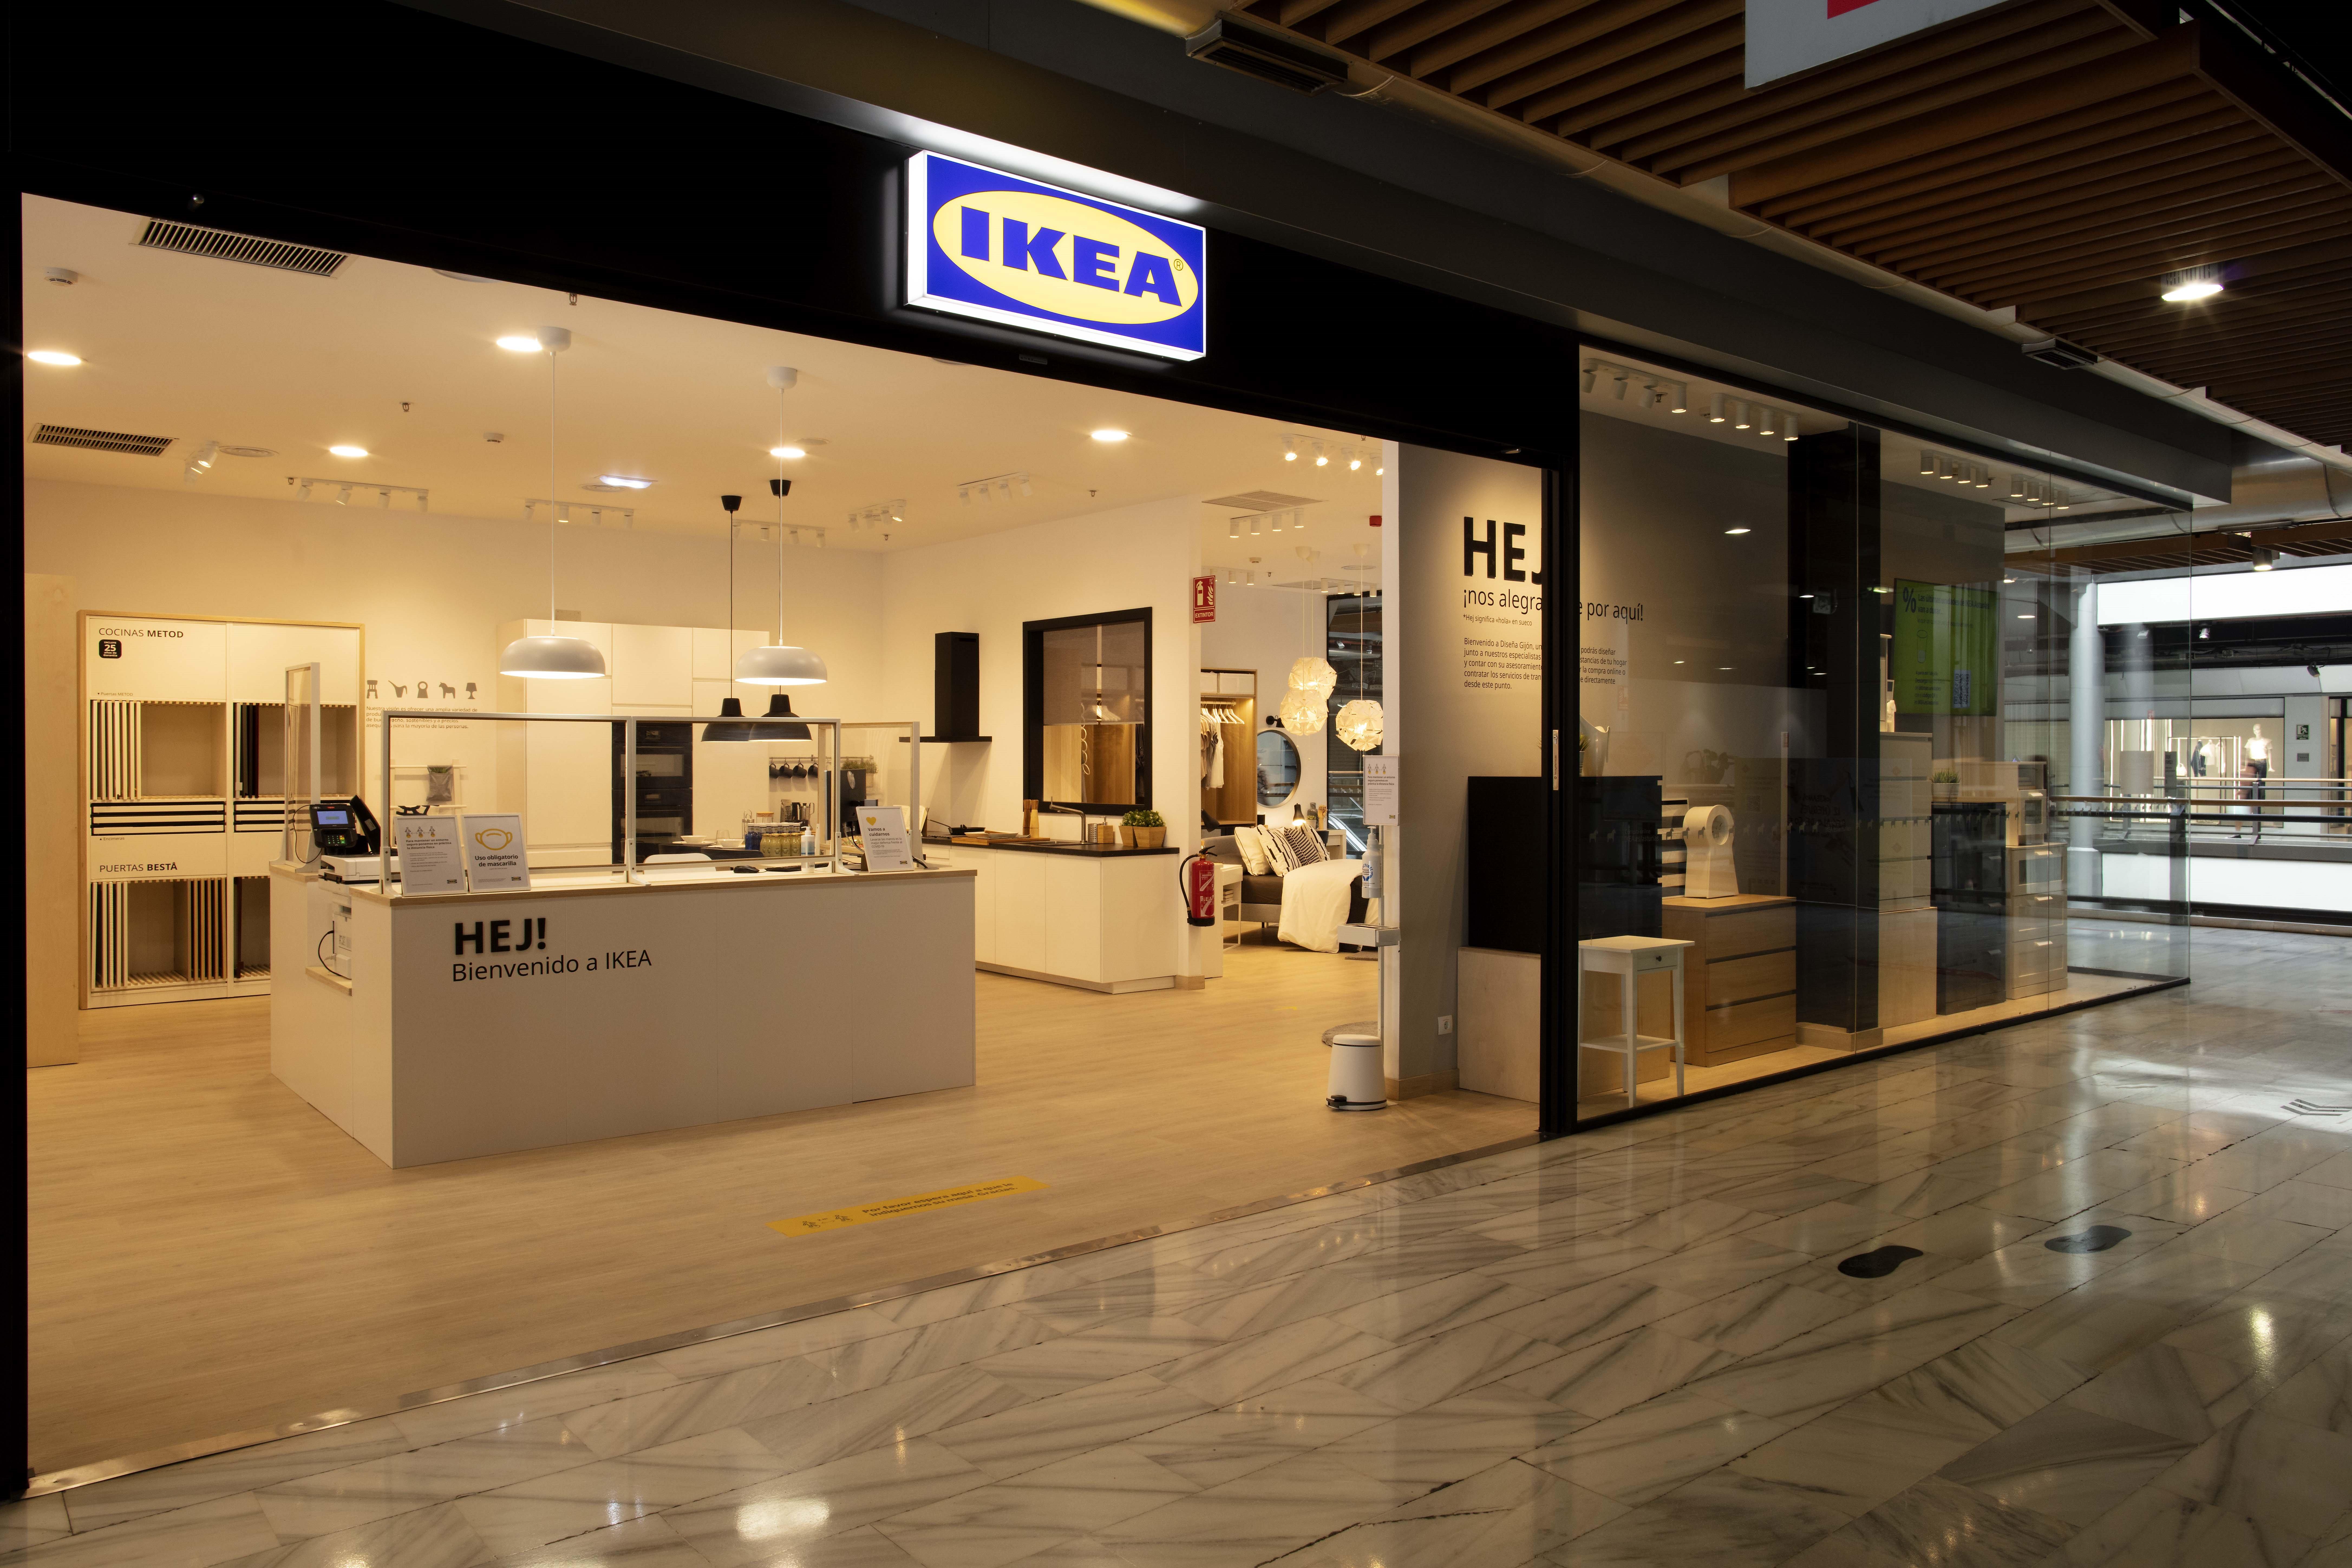 Tienda de Ikea / Europa Press